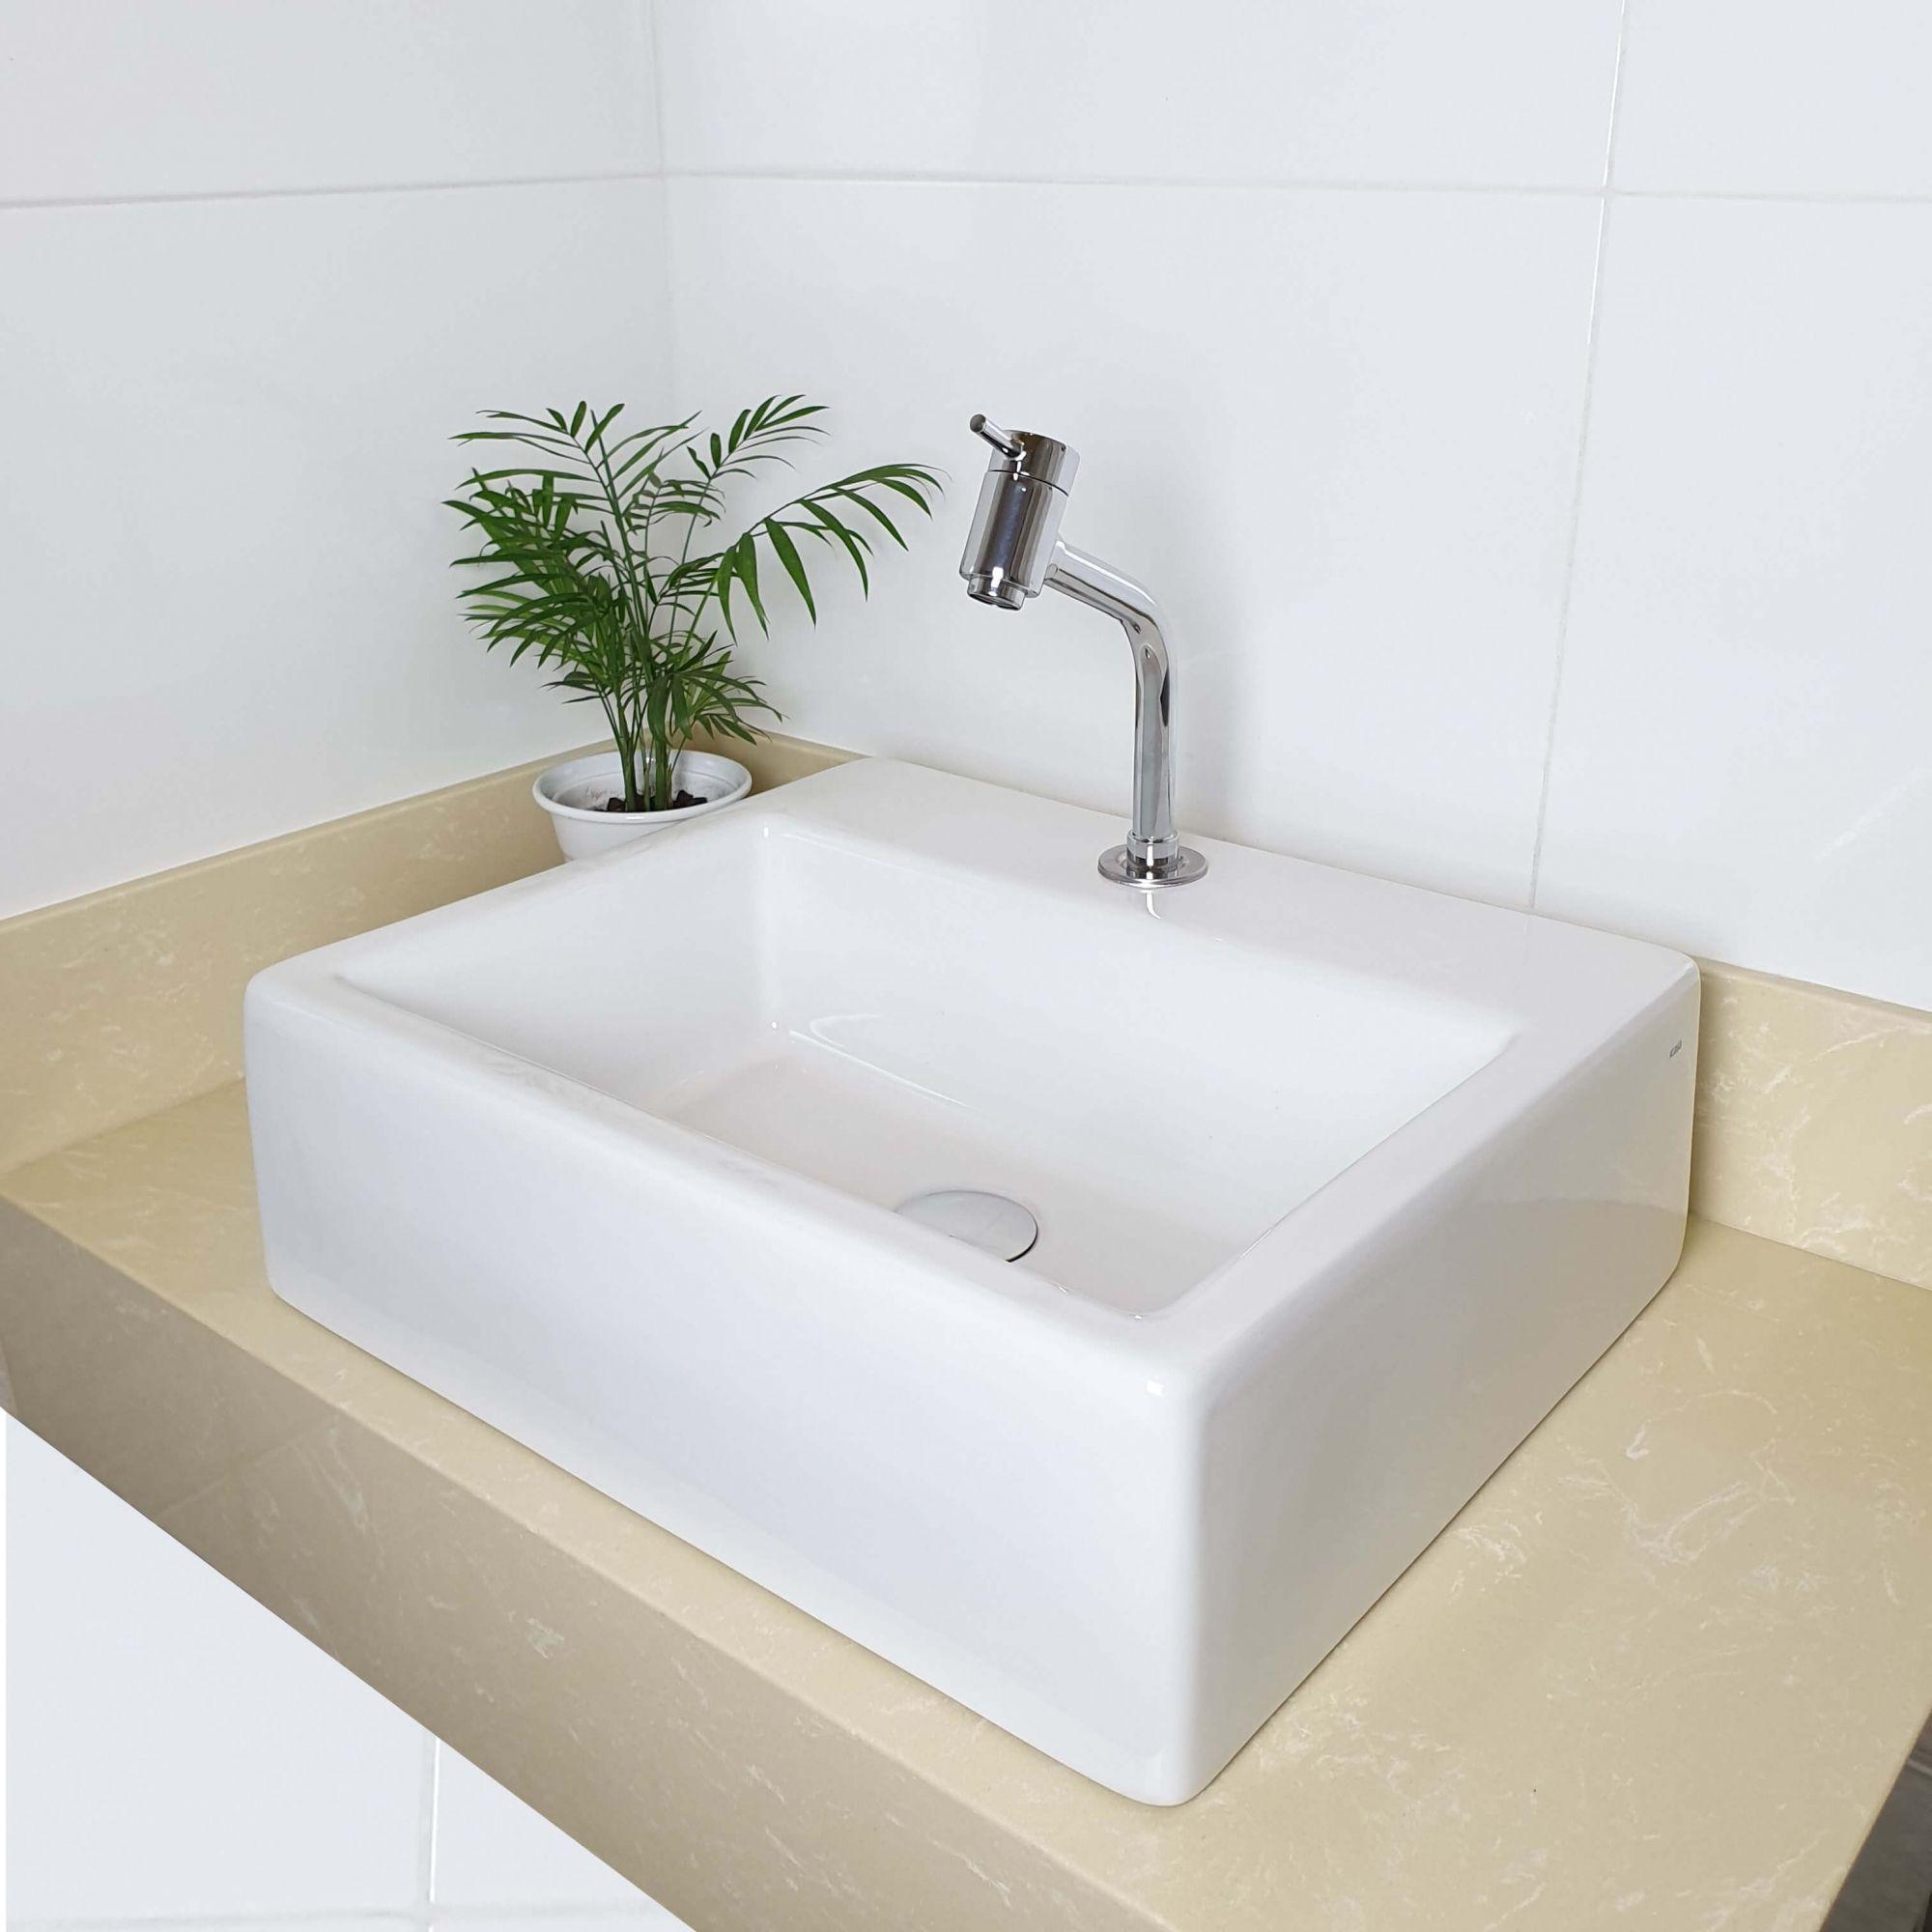 Cuba Banheiro Apoio Quadrada 47x40cm com Torneira Bica Baixa,  Válvula Click  Sifão e Flexível  - DOTEC SHOP